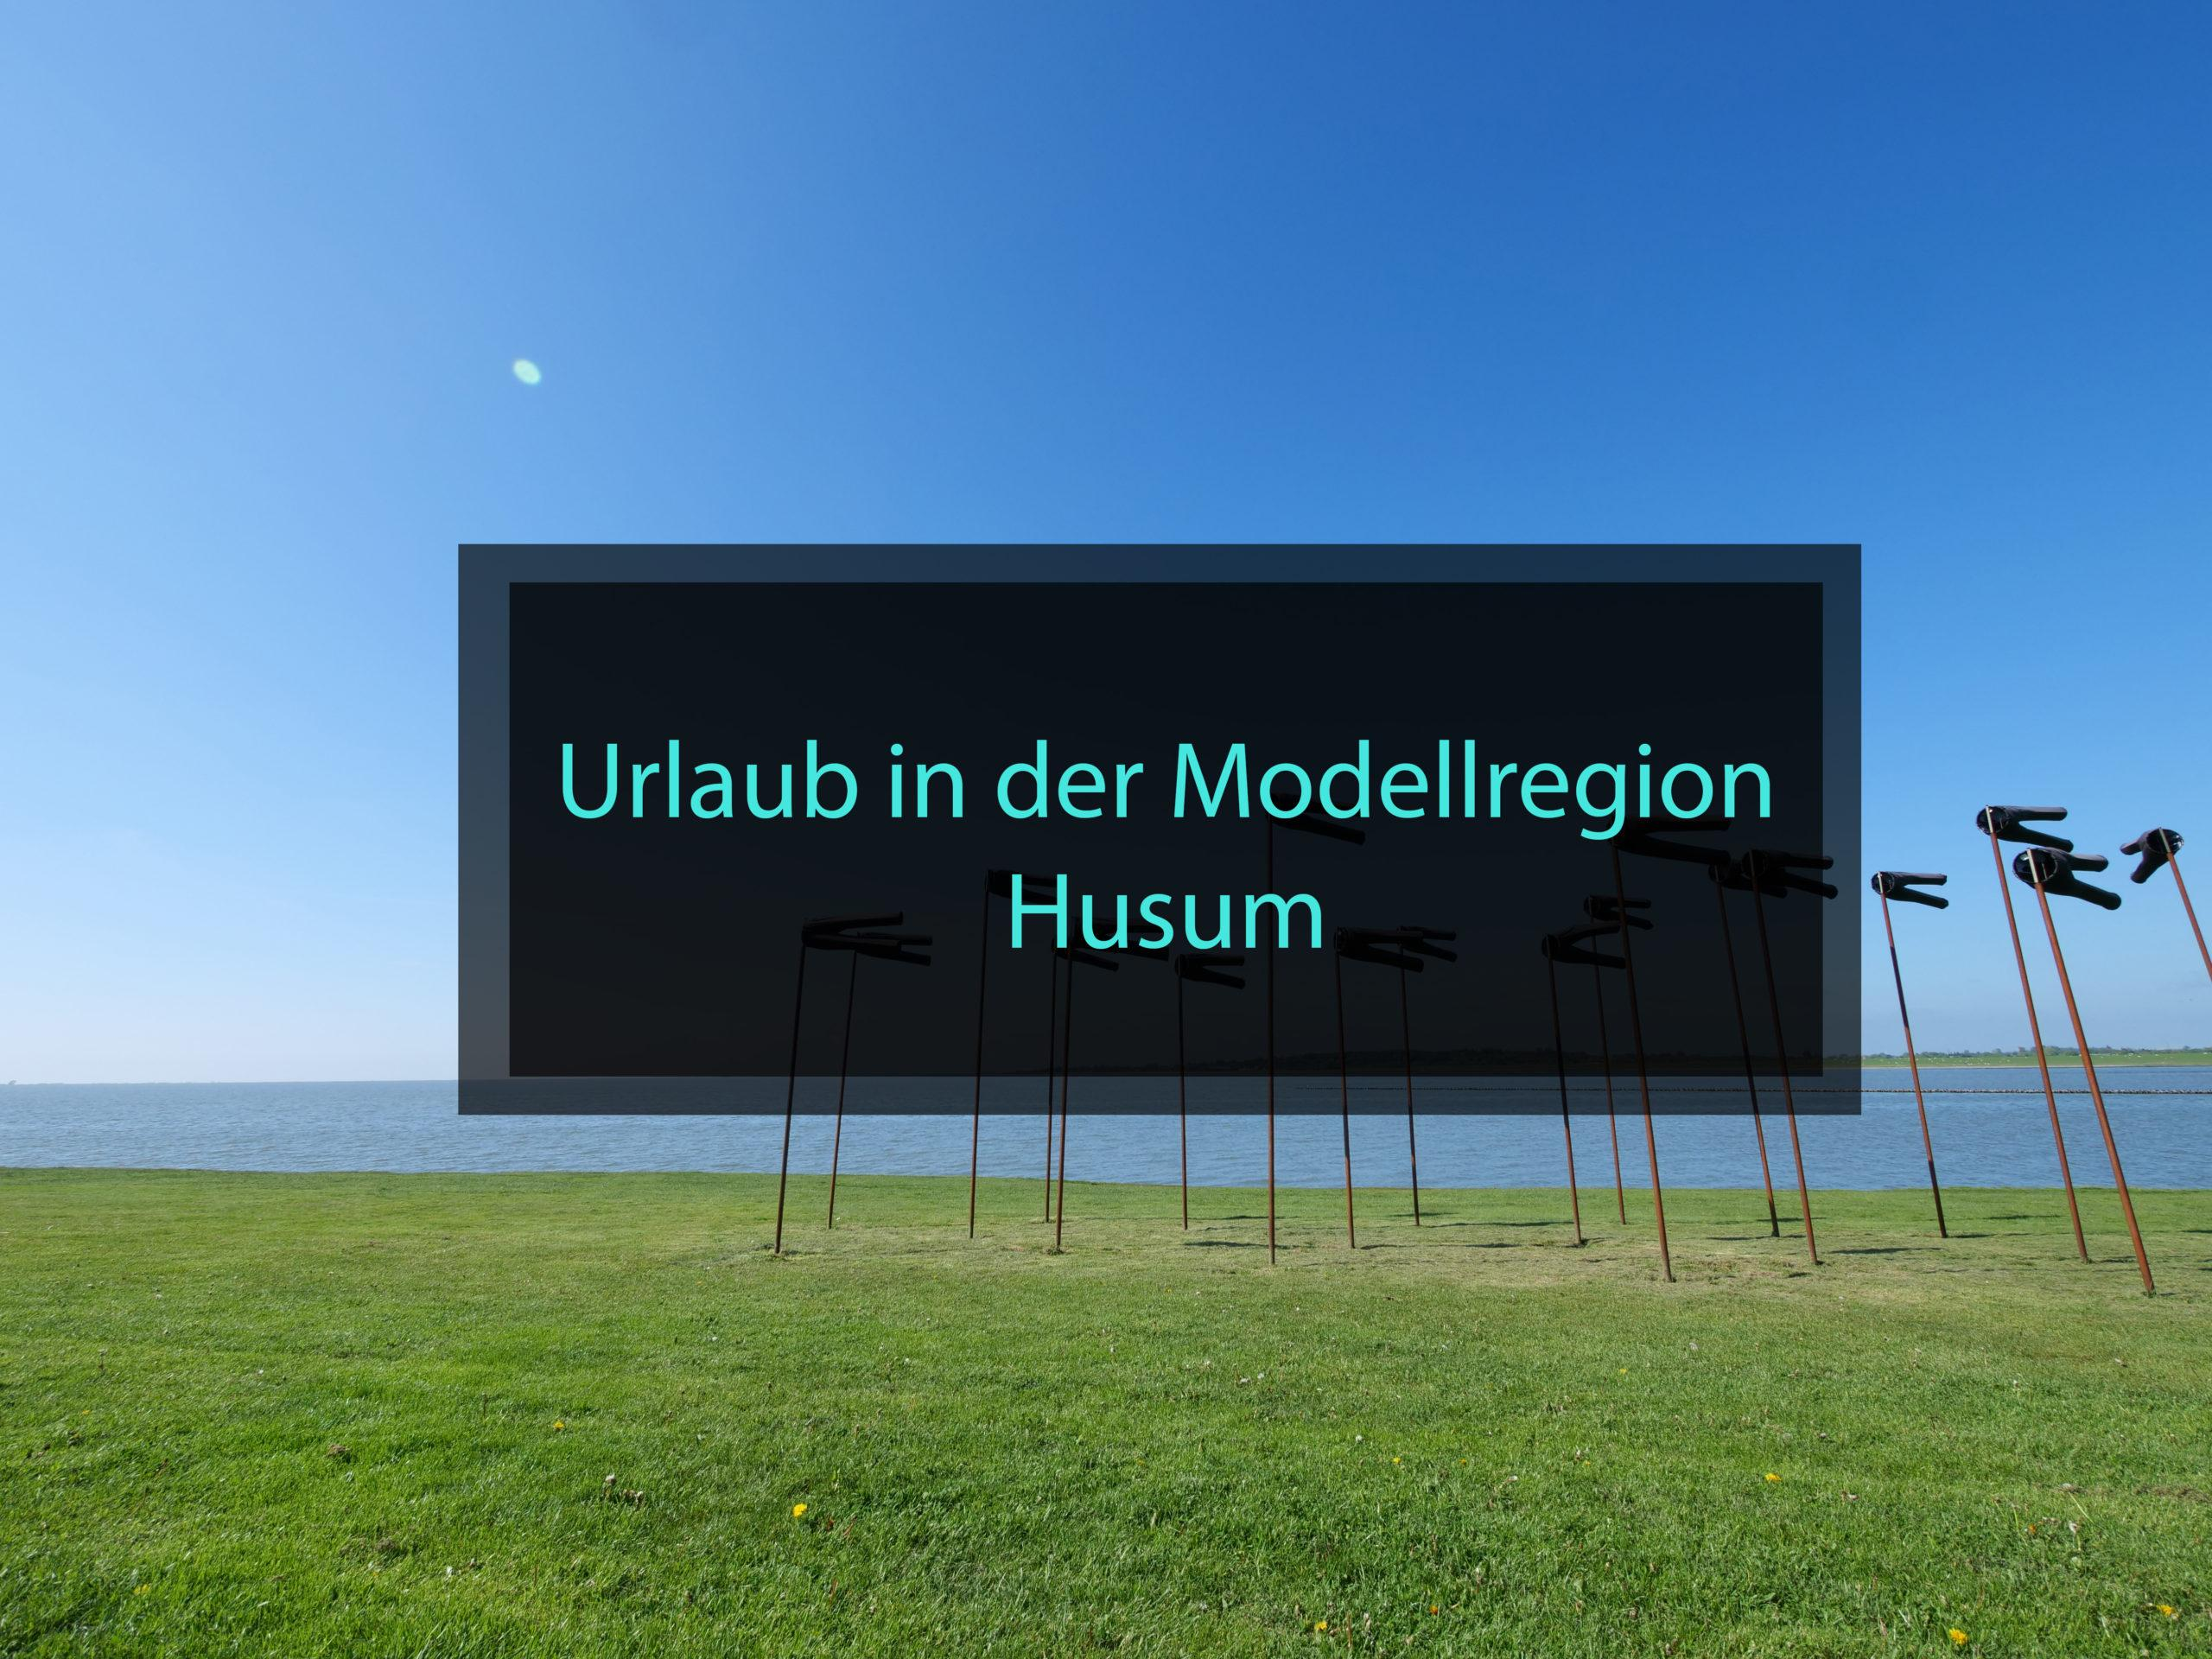 Urlaub in der Modellregion Husum